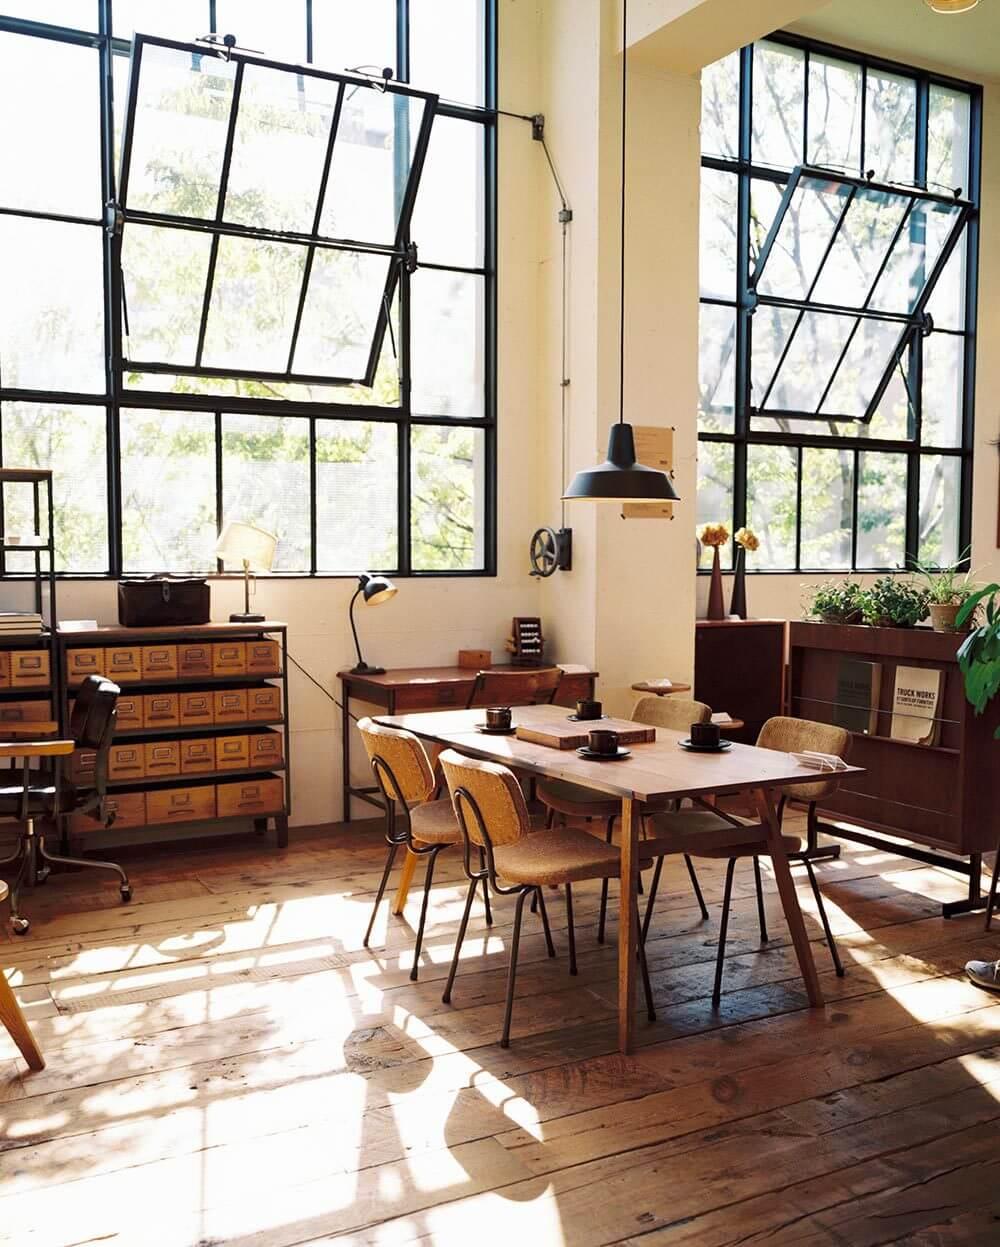 12 เทคนิคตกแต่งออฟฟิศเล็กให้ดูใหญ่ ถูกใจ SME และ home office 45 - Co-Working Space